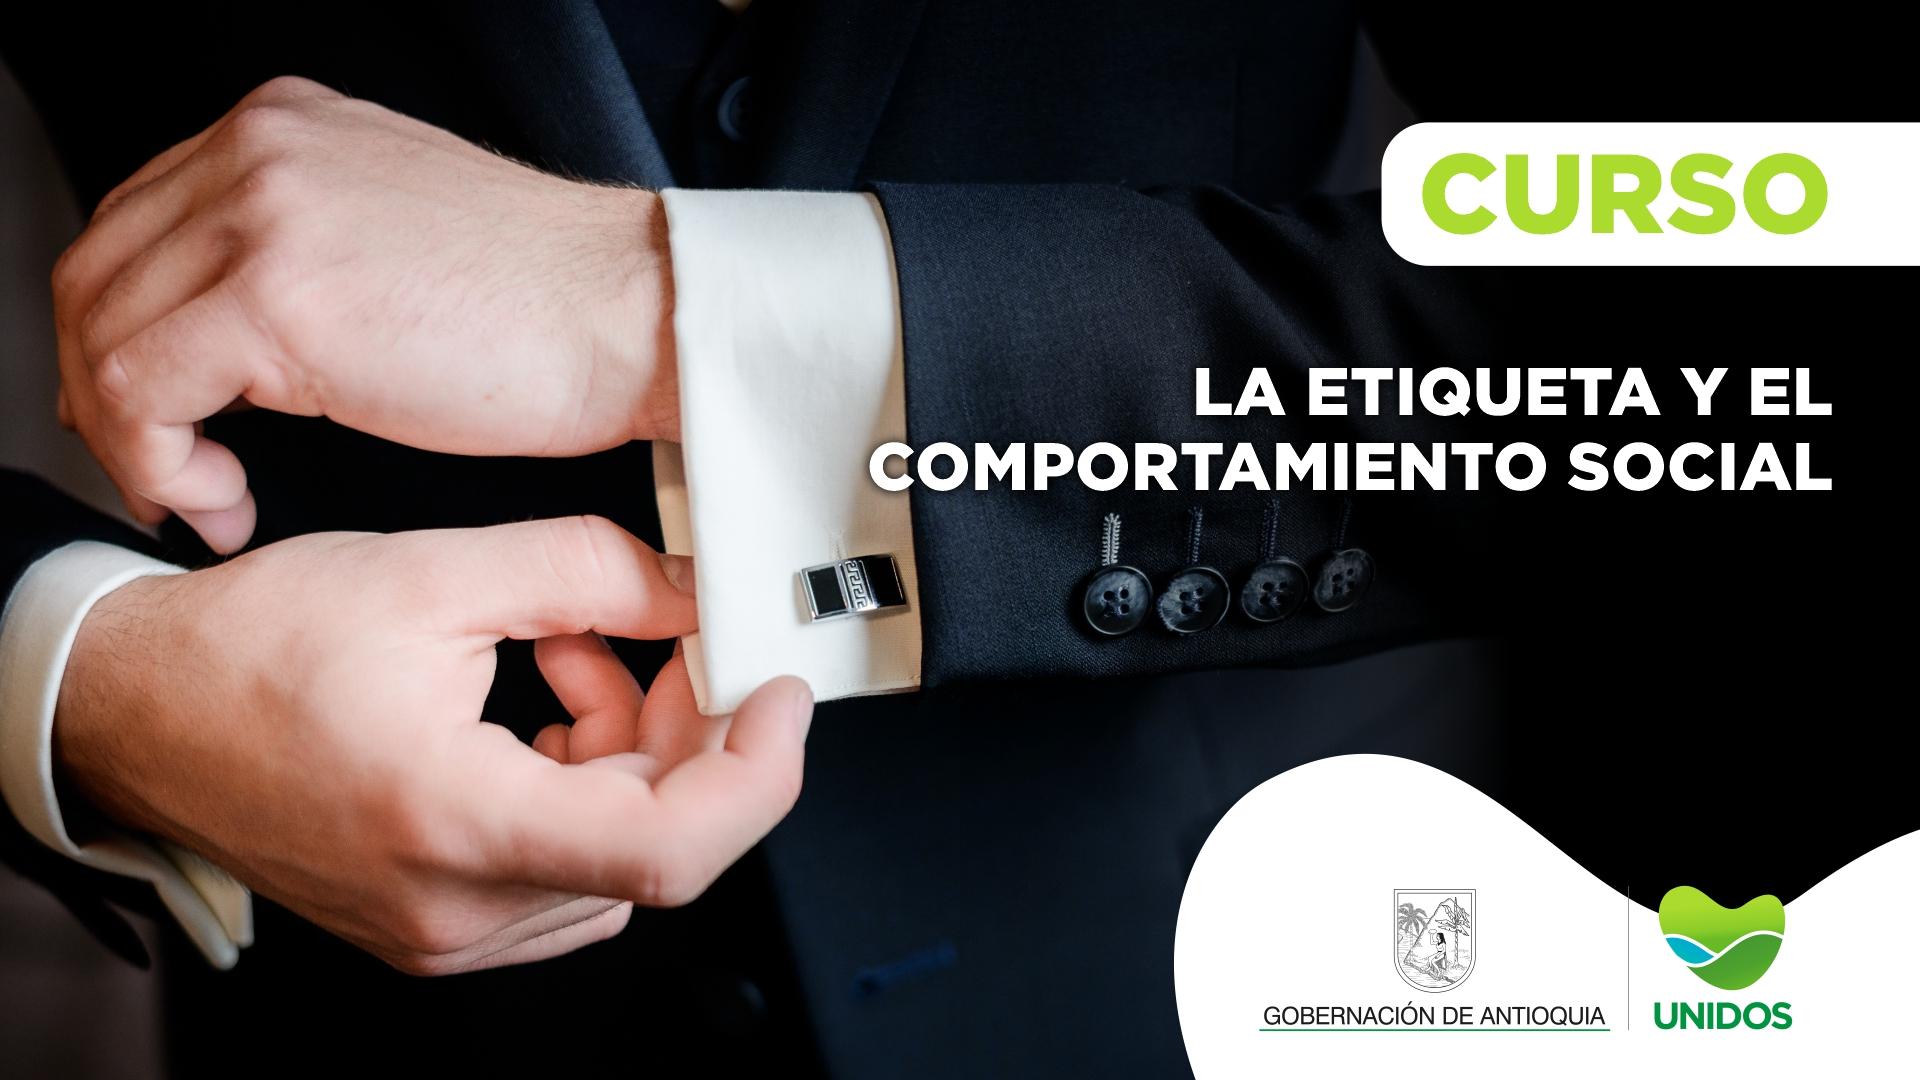 Course Image CURSO: LA ETIQUETA Y EL COMPORTAMIENTO SOCIAL